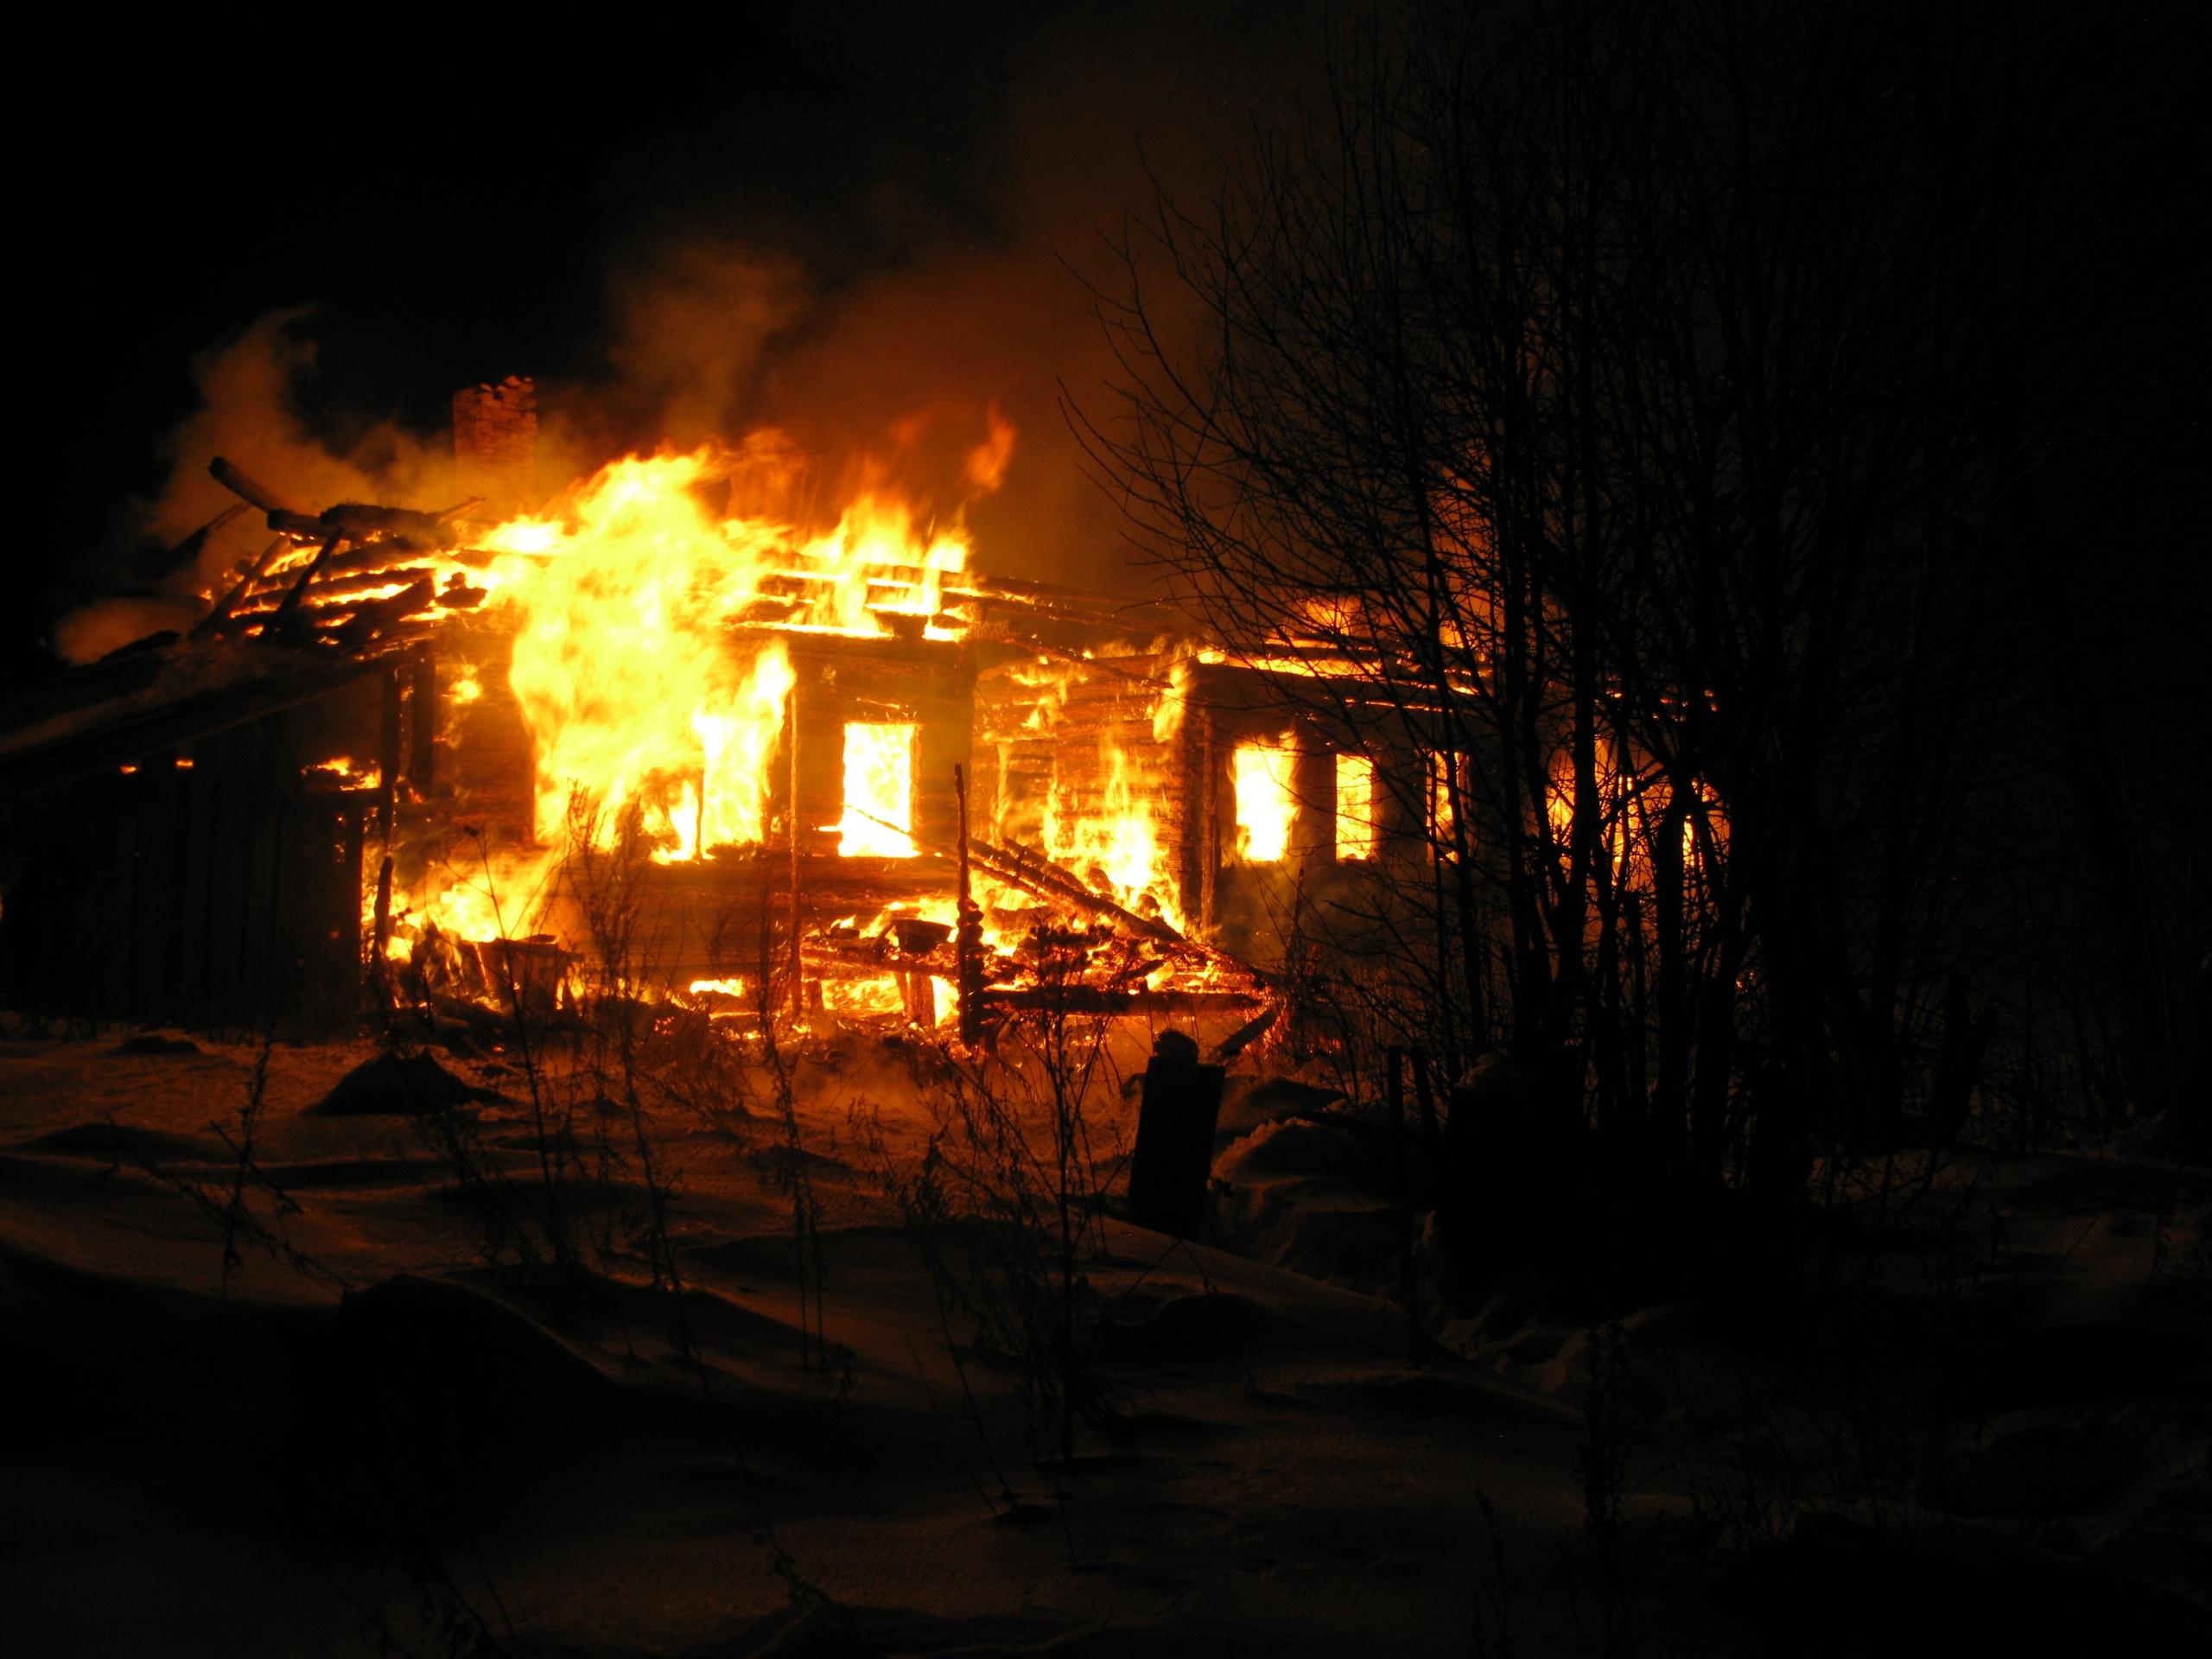 Тело мужчины обнаружили на месте пожара в Верховажском районе